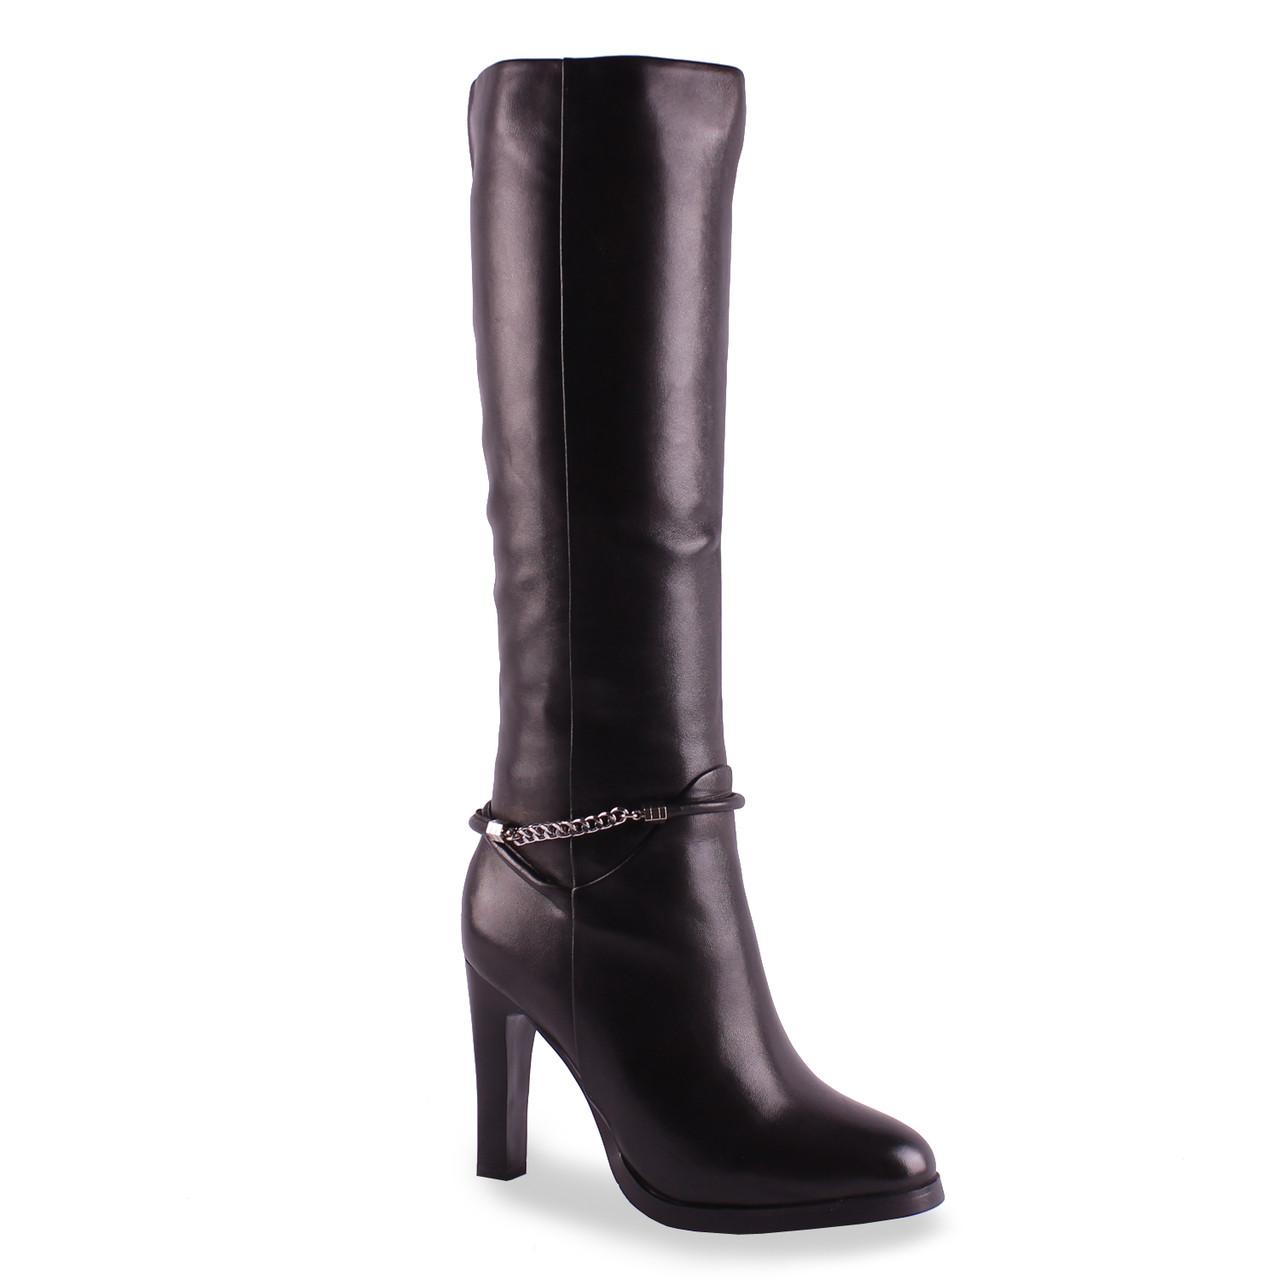 Модные женские сапоги Dina Fabiani (зимние, на красивом каблуке, пряжка, натуральная кожа, черные, теплые)